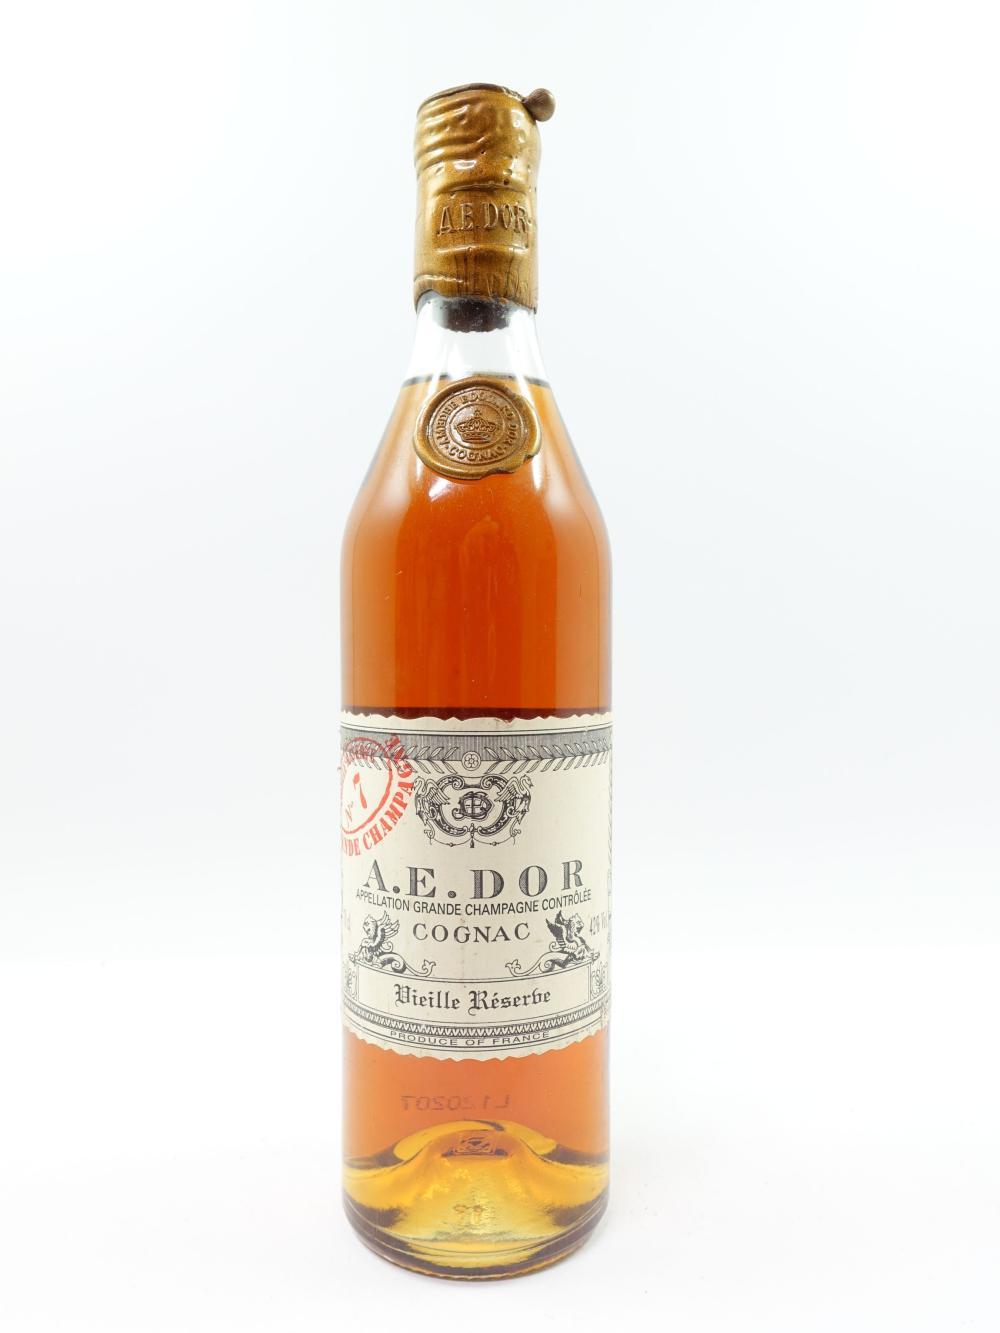 1 bouteille COGNAC AE DOR Grande Champagne. Vieille Réserve N° 7 (cabochon cire léger cassé. 70cl, 42°)